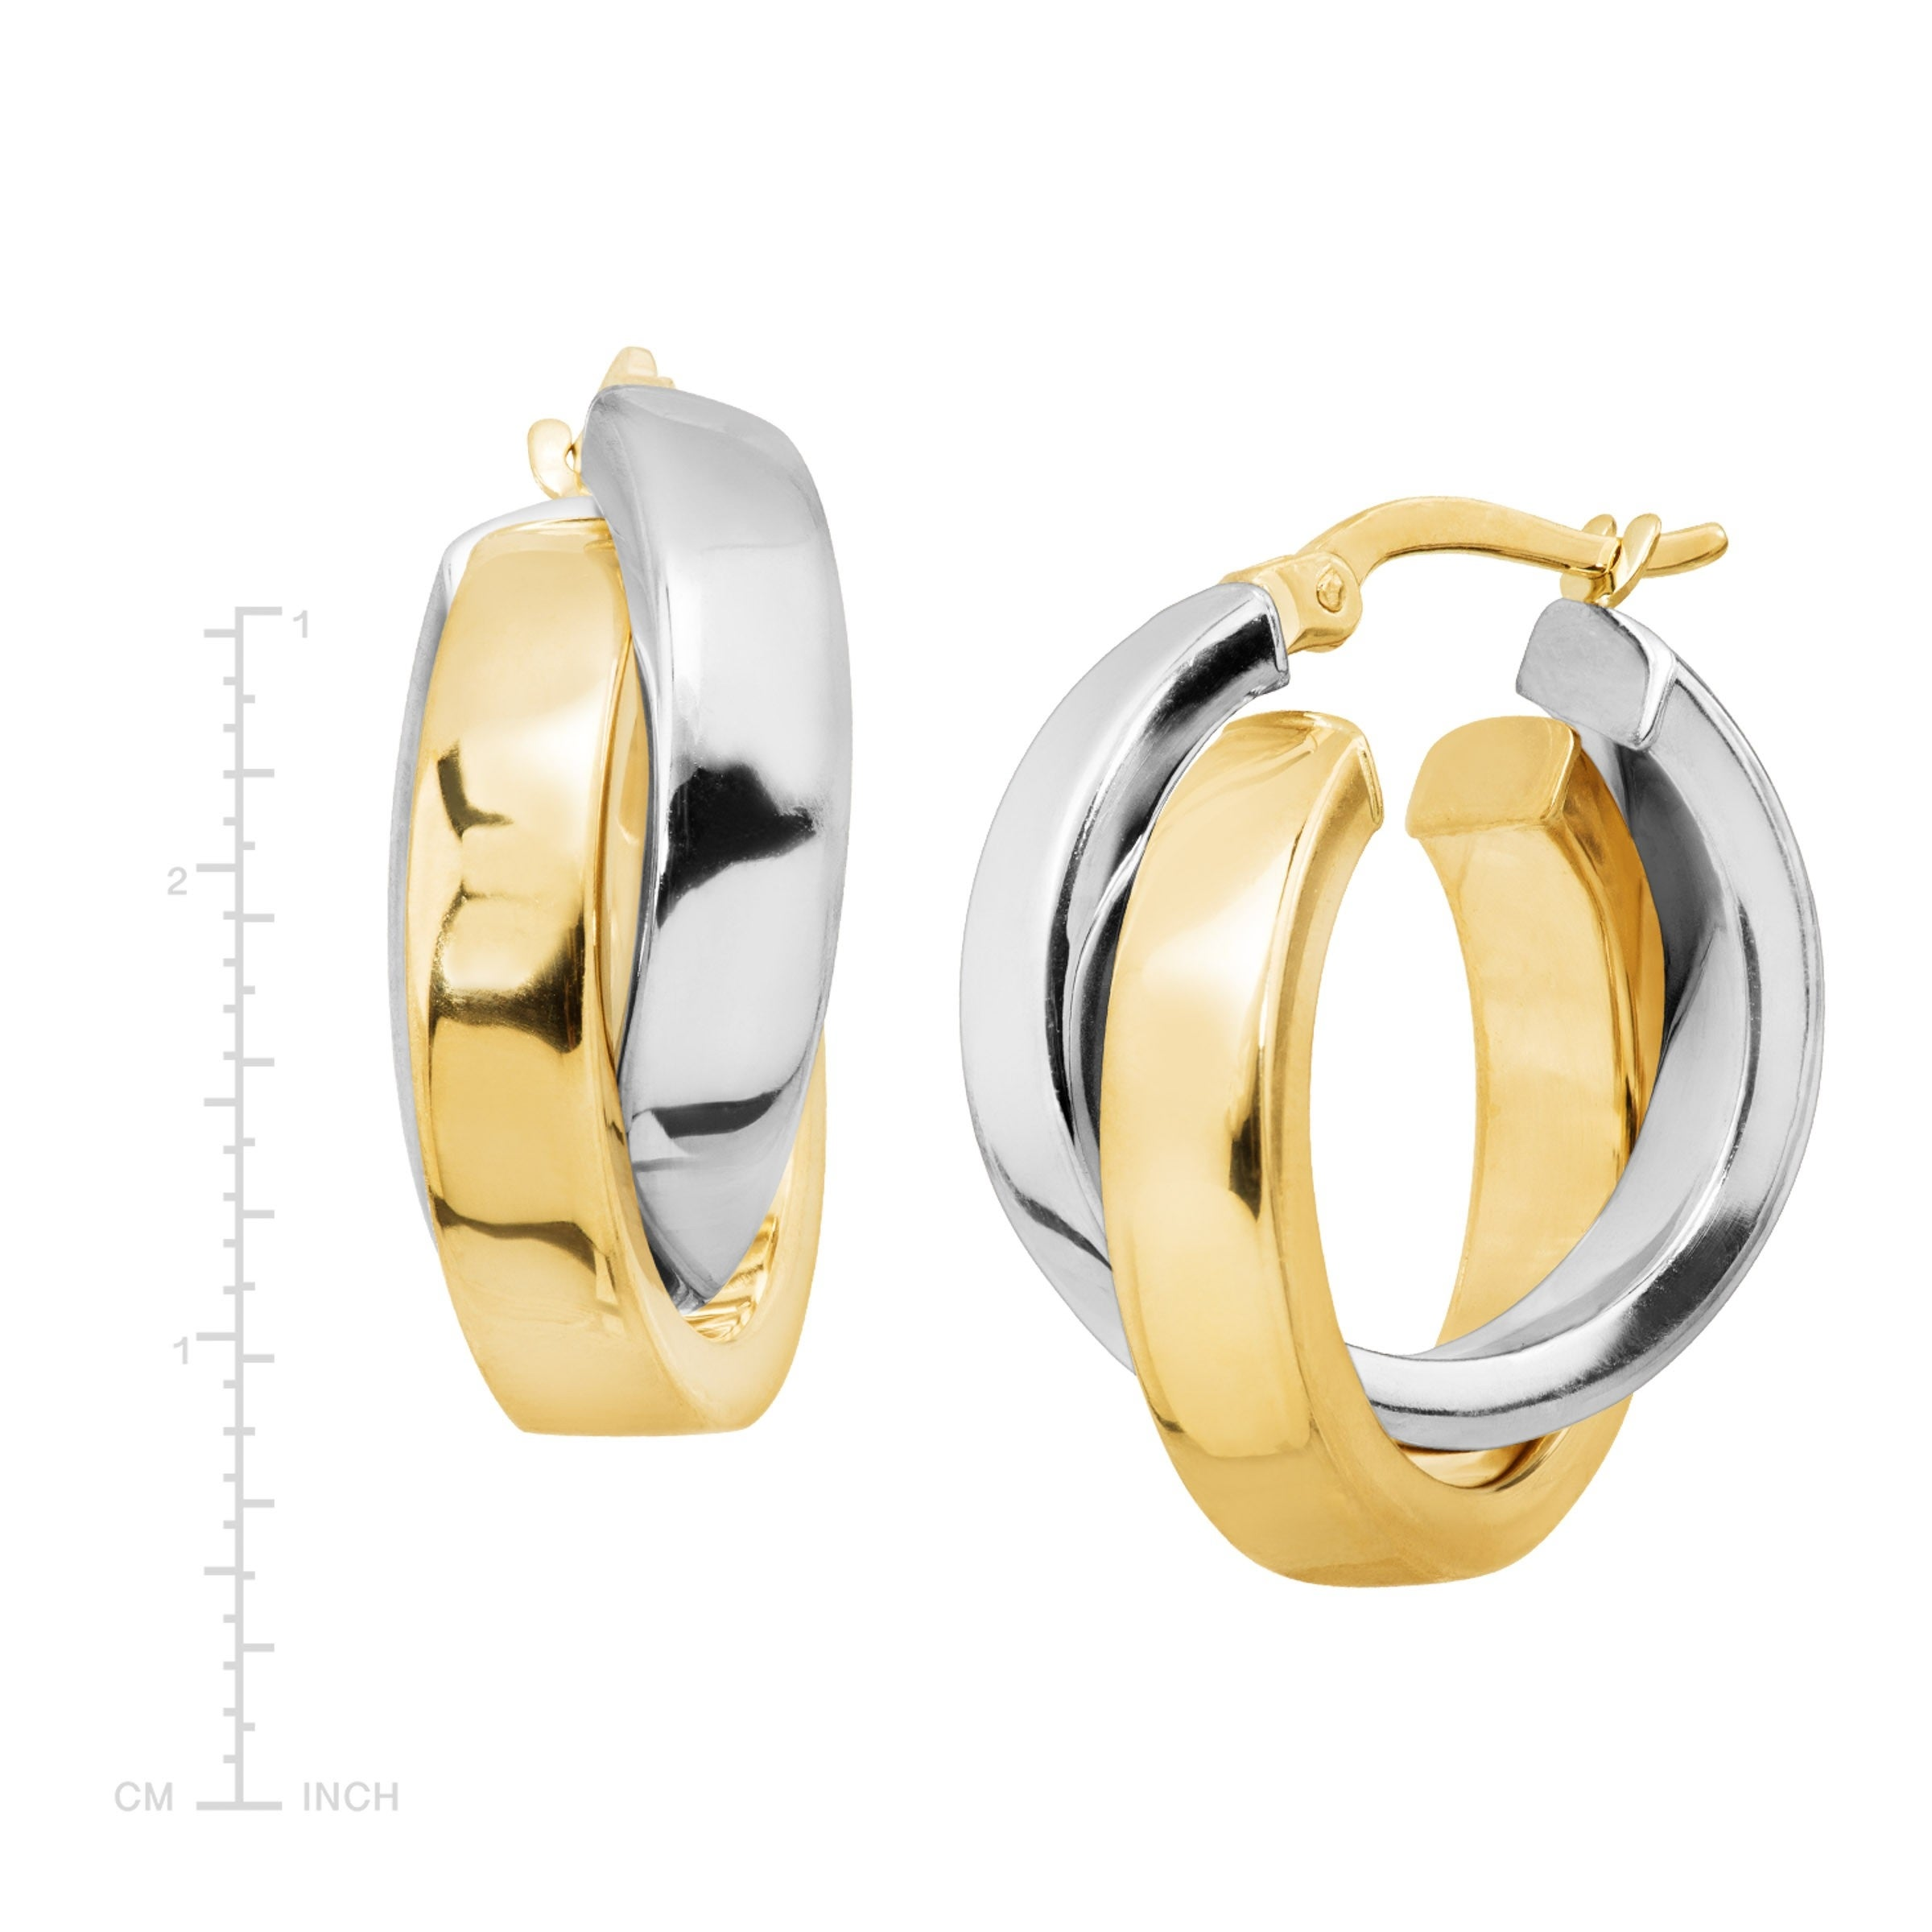 12 x 12mm 14k Yellow or White Gold Fancy Double Heart Hoop Earrings